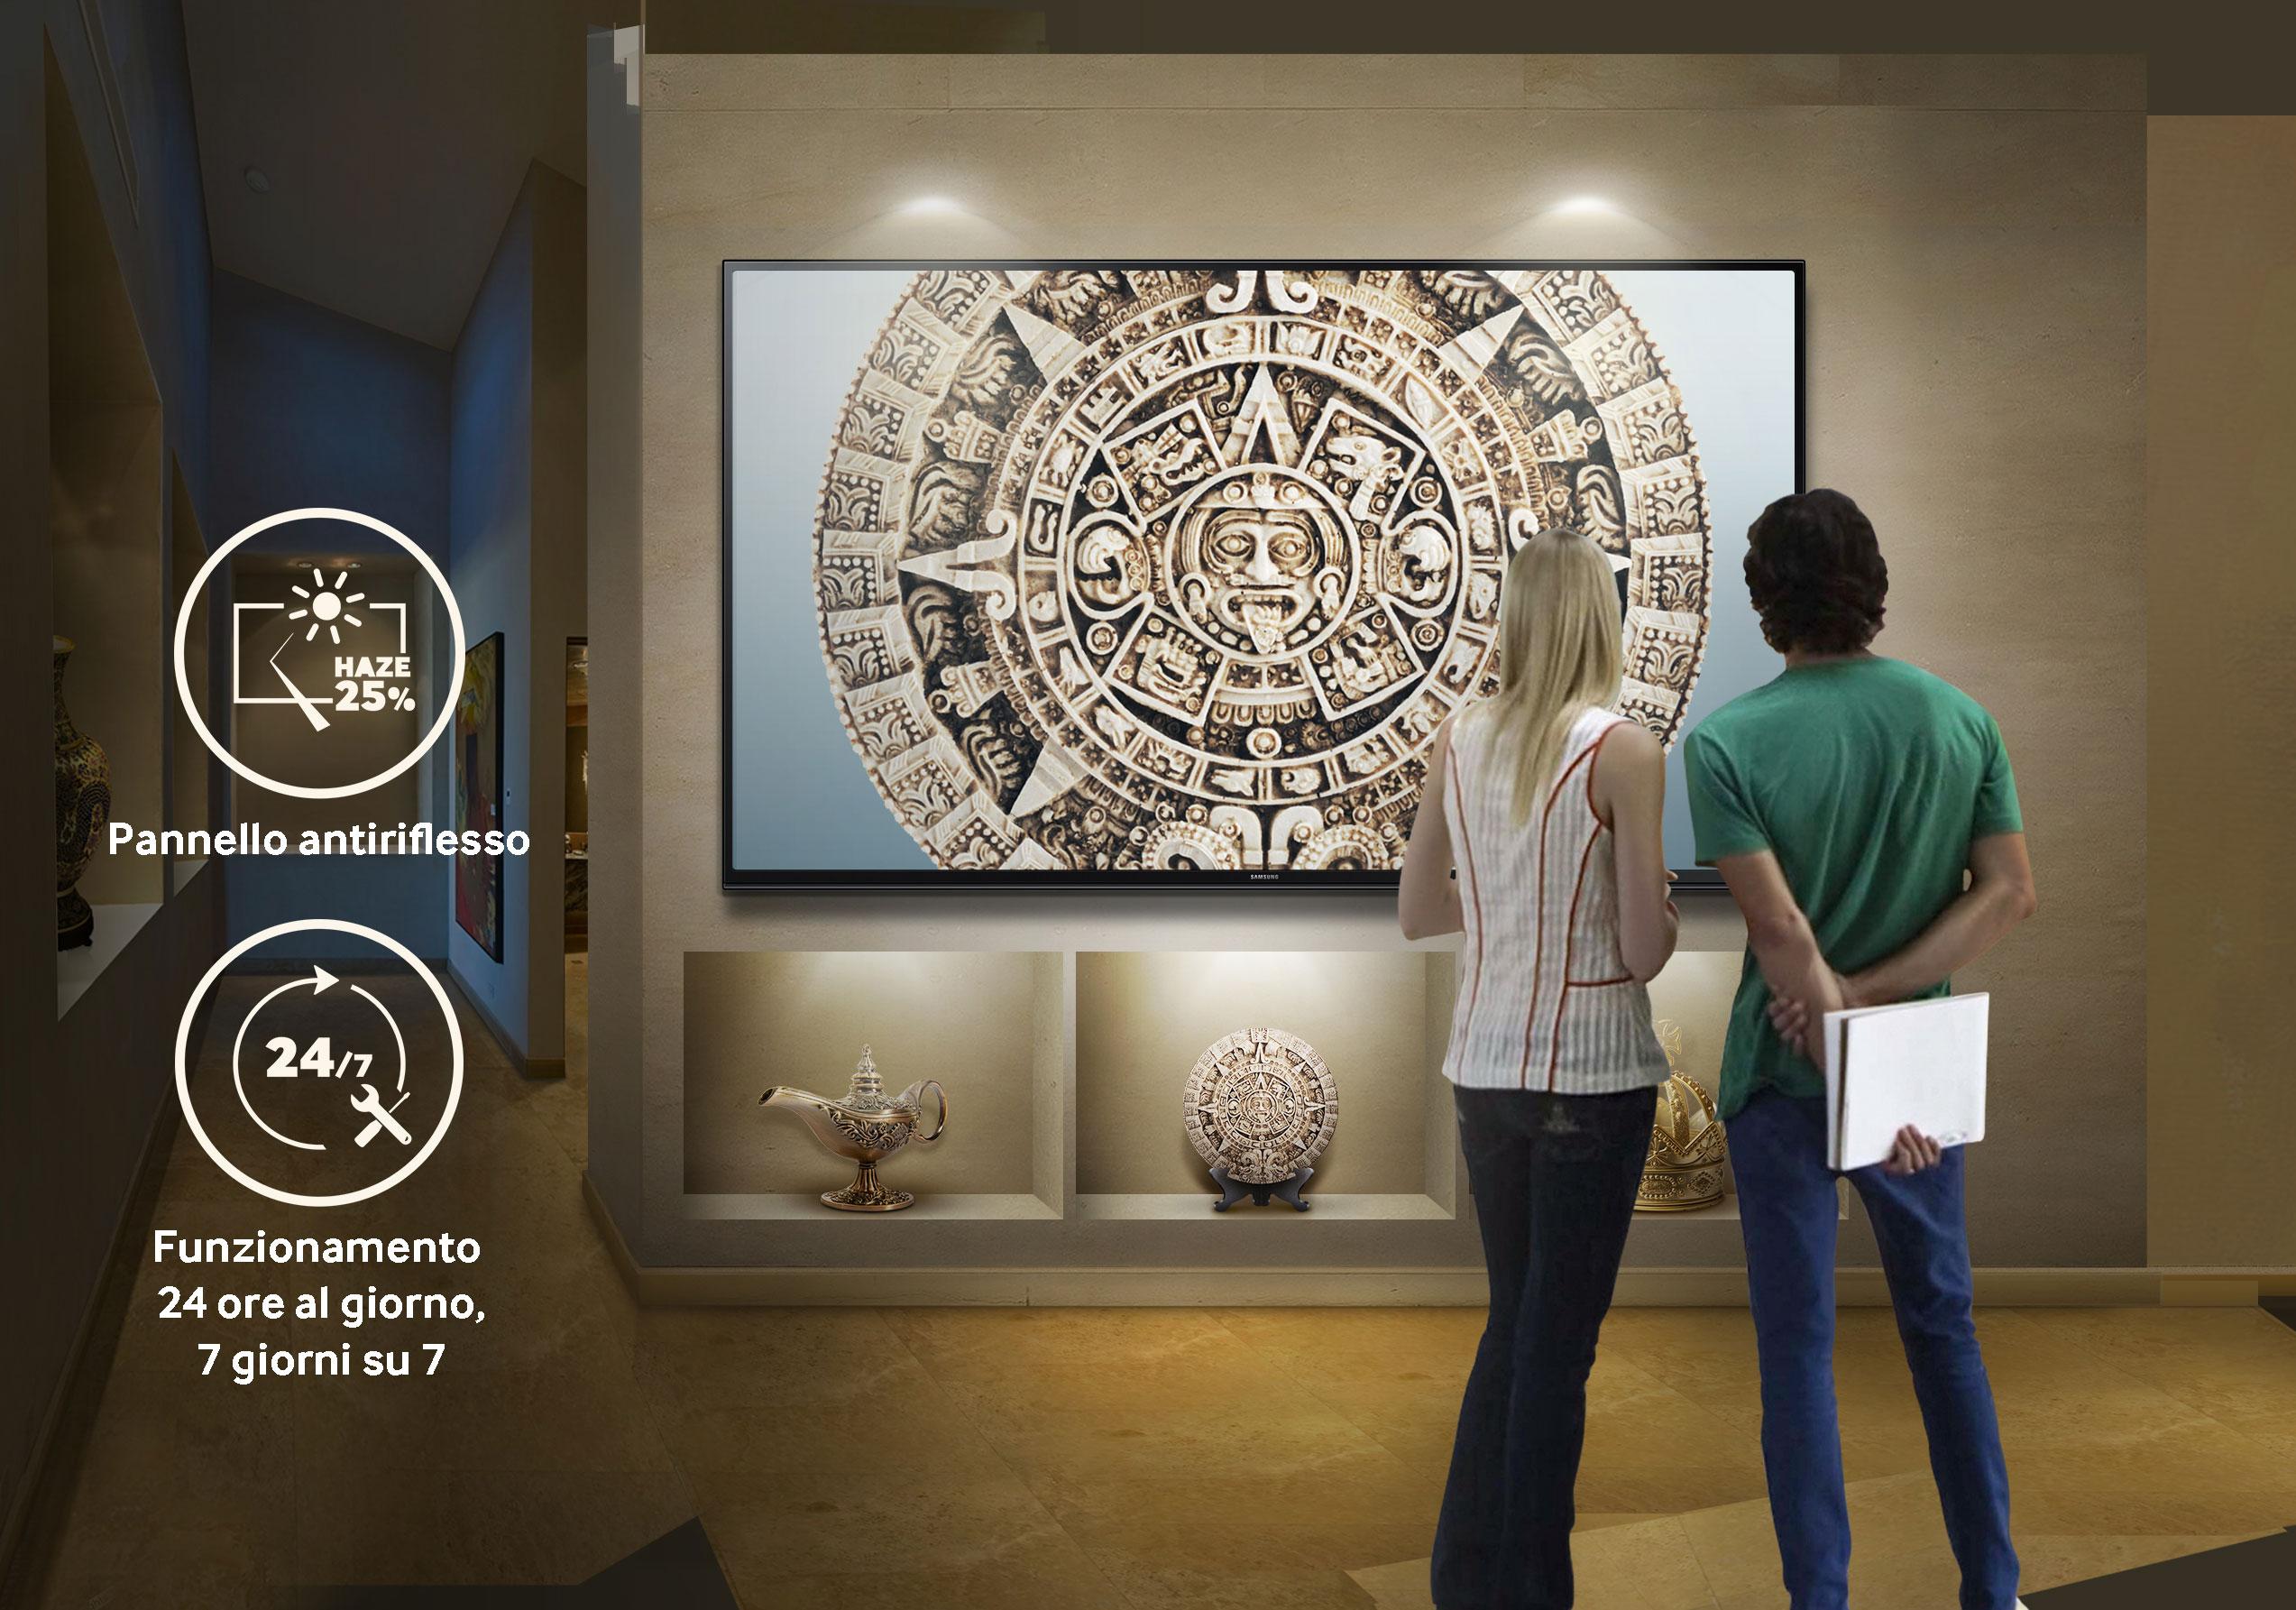 Il nuovo schermo UHD della serie QMF 2016 pensato per gli ambienti commerciali